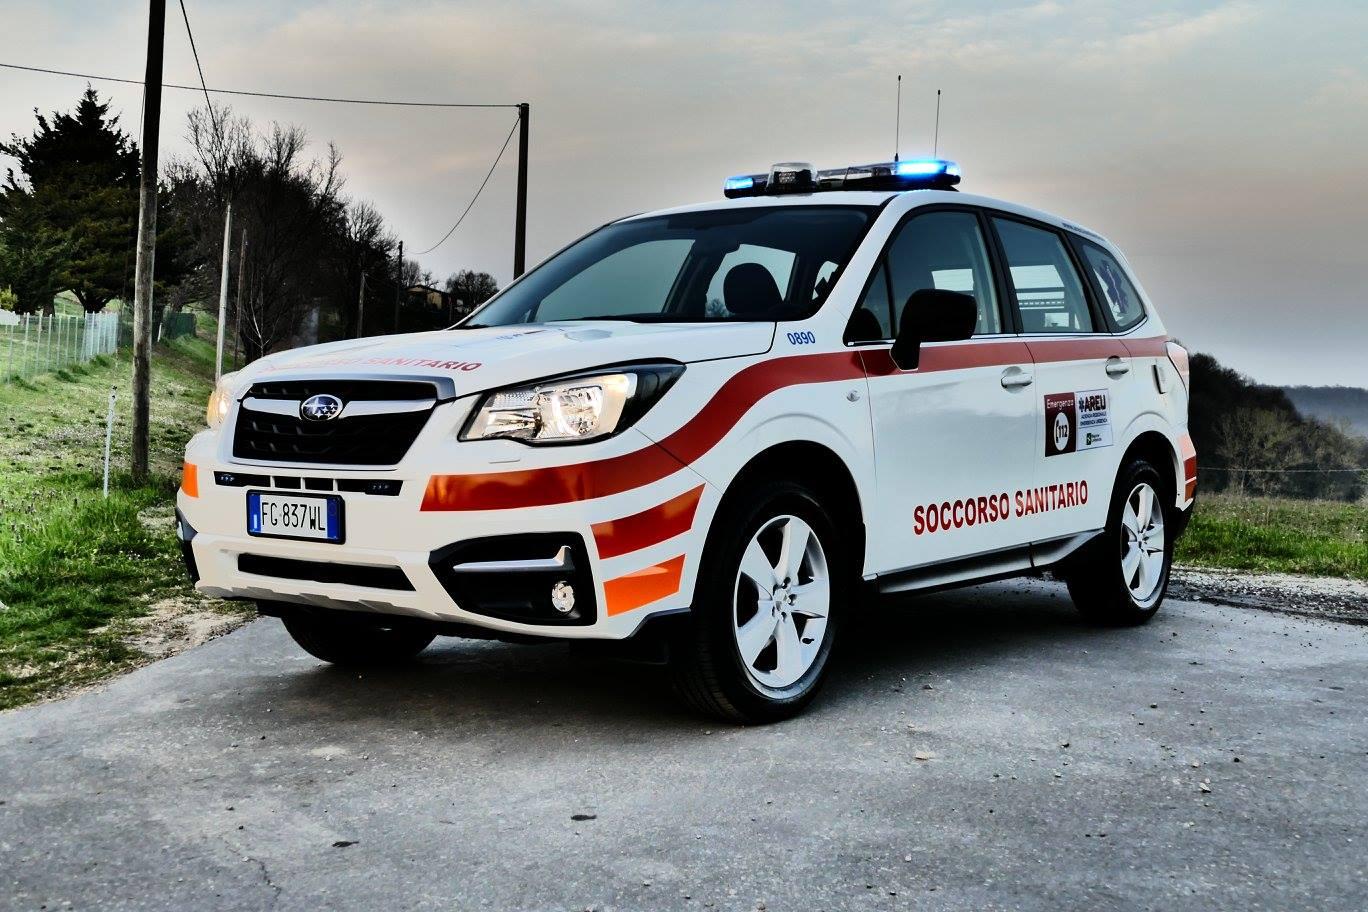 Sono arrivate le prime automediche NUE112, il debutto in Lombardia con Papa Francesco è stato un successo